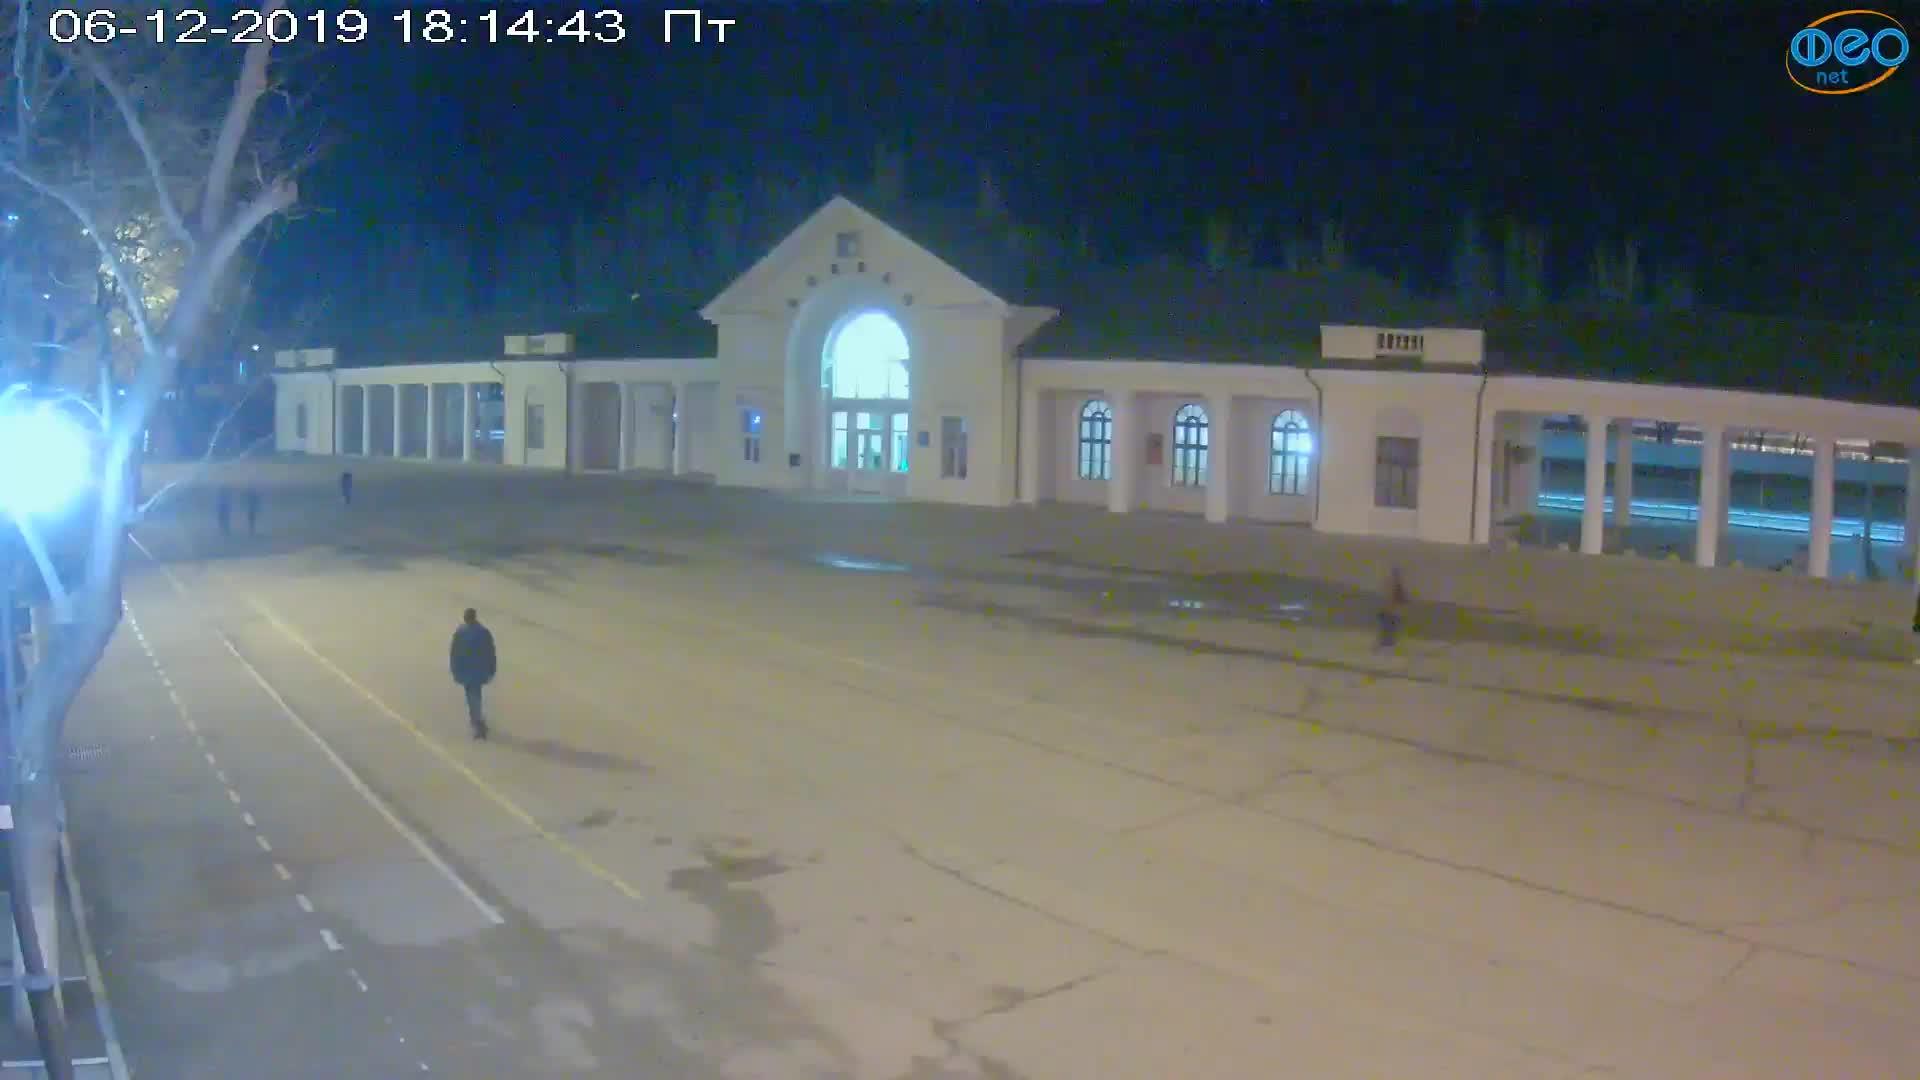 Веб-камеры Феодосии, Привокзальная площадь, 2019-12-06 18:15:09